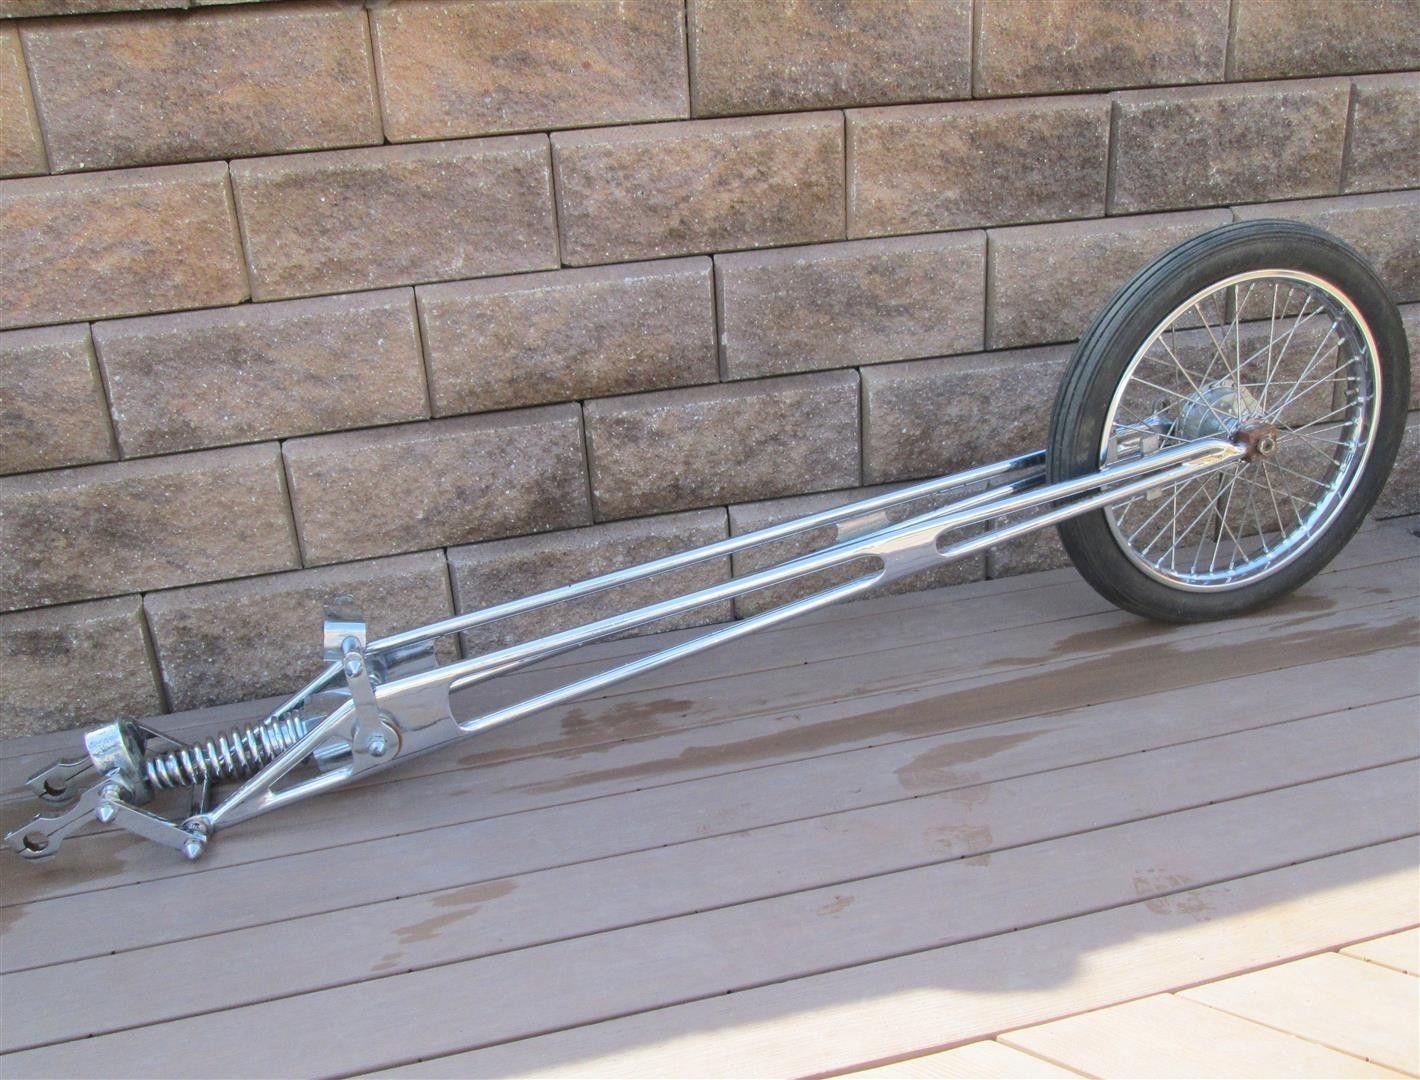 Details about Vintage Chopper Harley Extended Springer Fork Front